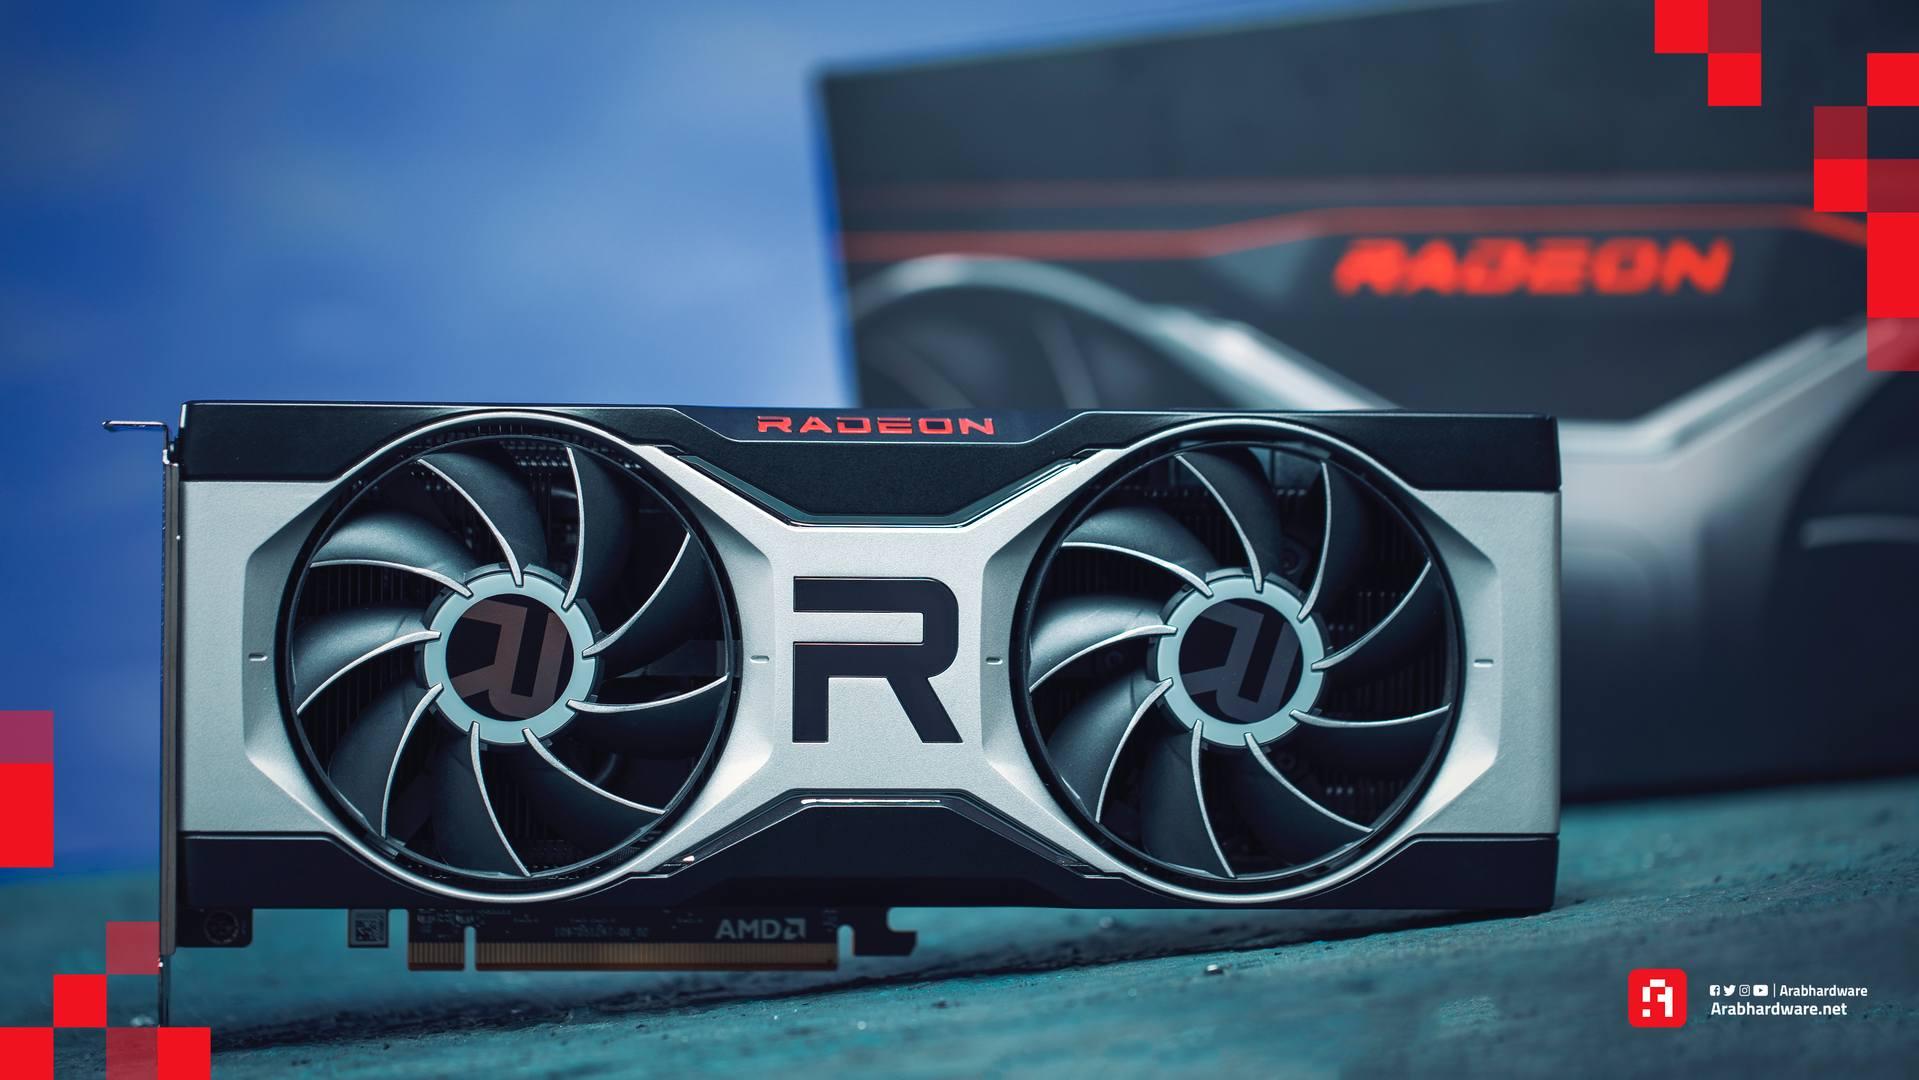 بطاقة AMD Radeon RX 6700 XT لأجهزة الكمبيوتر